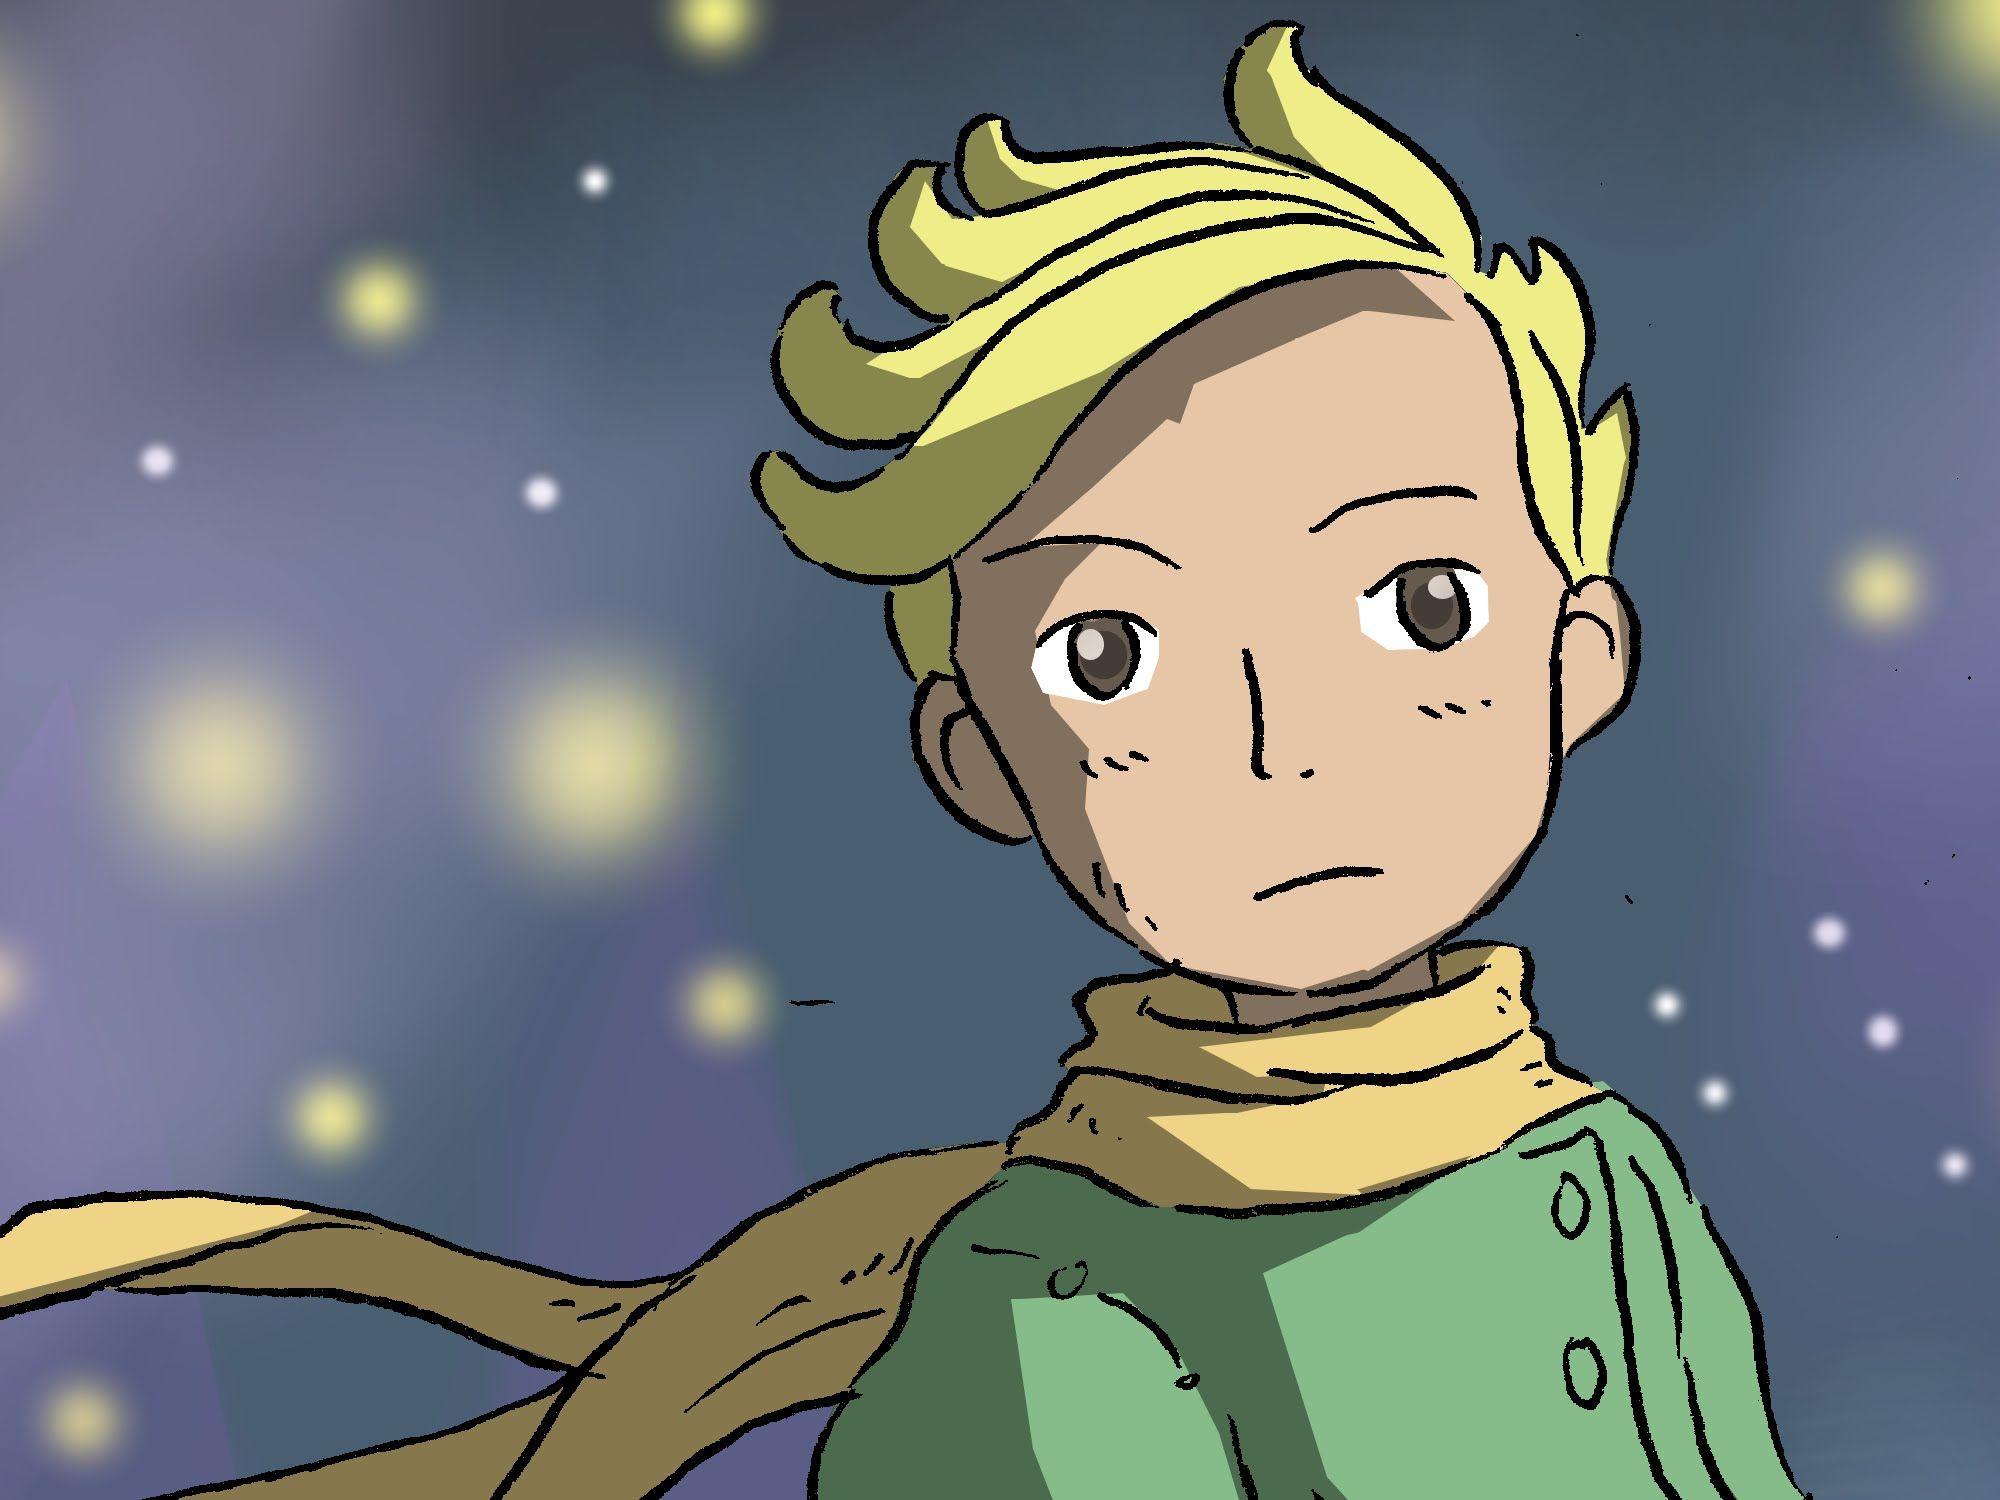 How To Draw The Little Prince | Dibujando a El Principito | Fan Art | Pe...